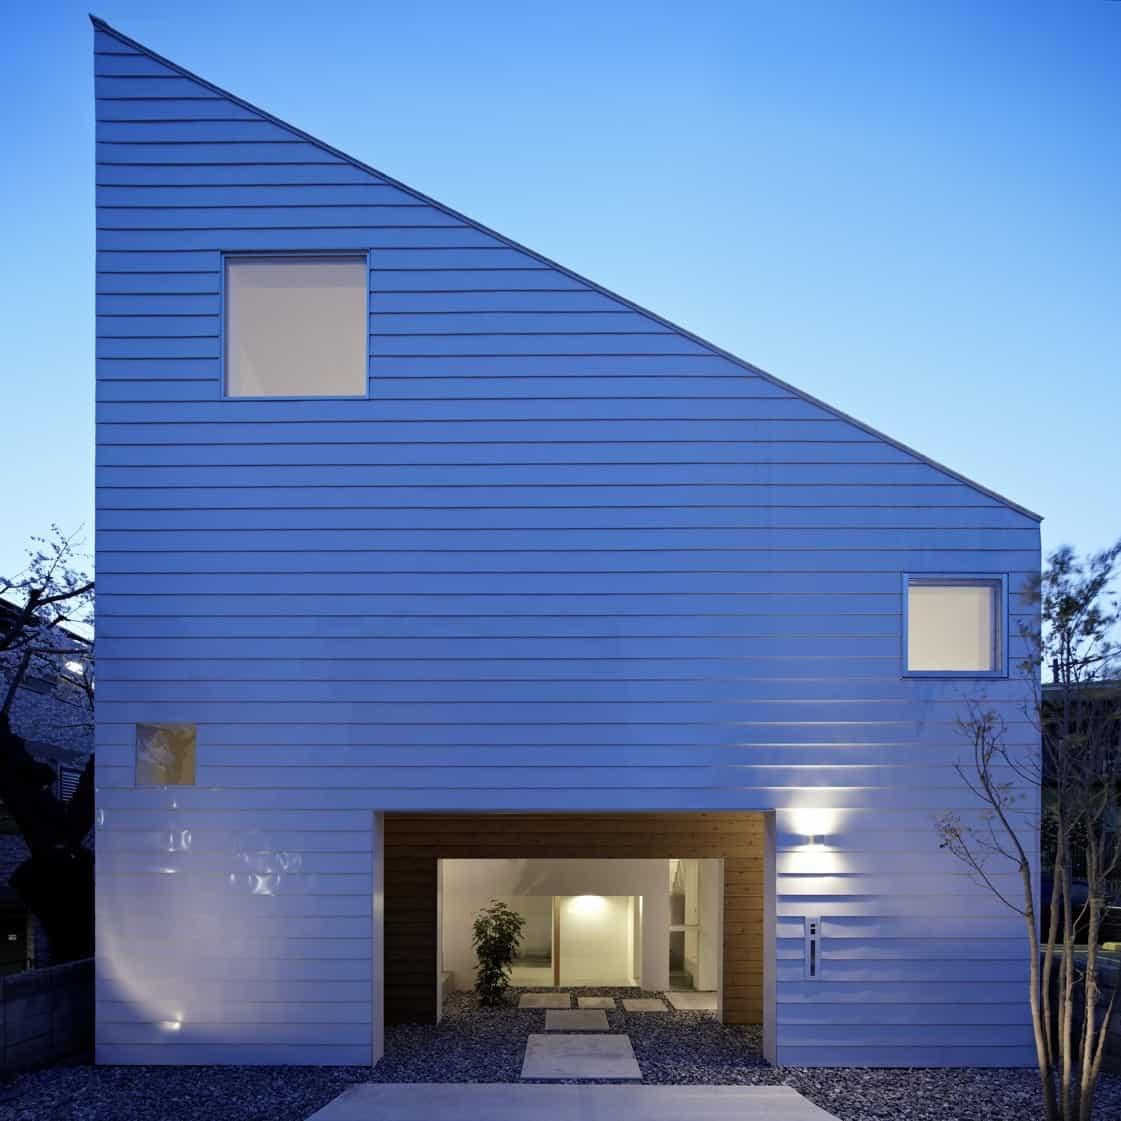 Casa moderna japonesa con interiores distintivos y planos for Casa moderna japonesa